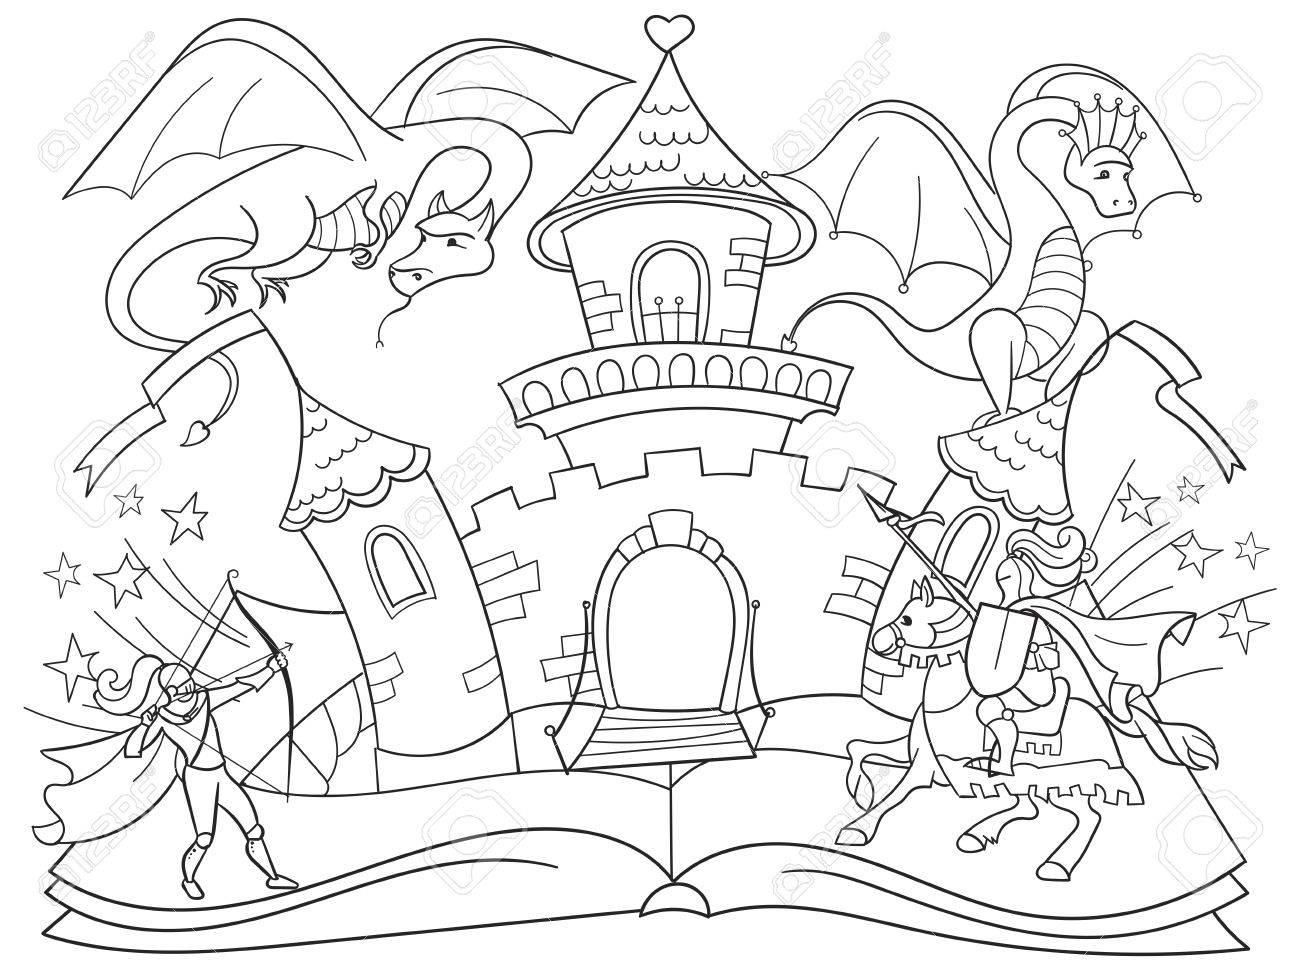 Farbung Fee Offenes Buch Geschichten Konzept Kinder Illustration Mit